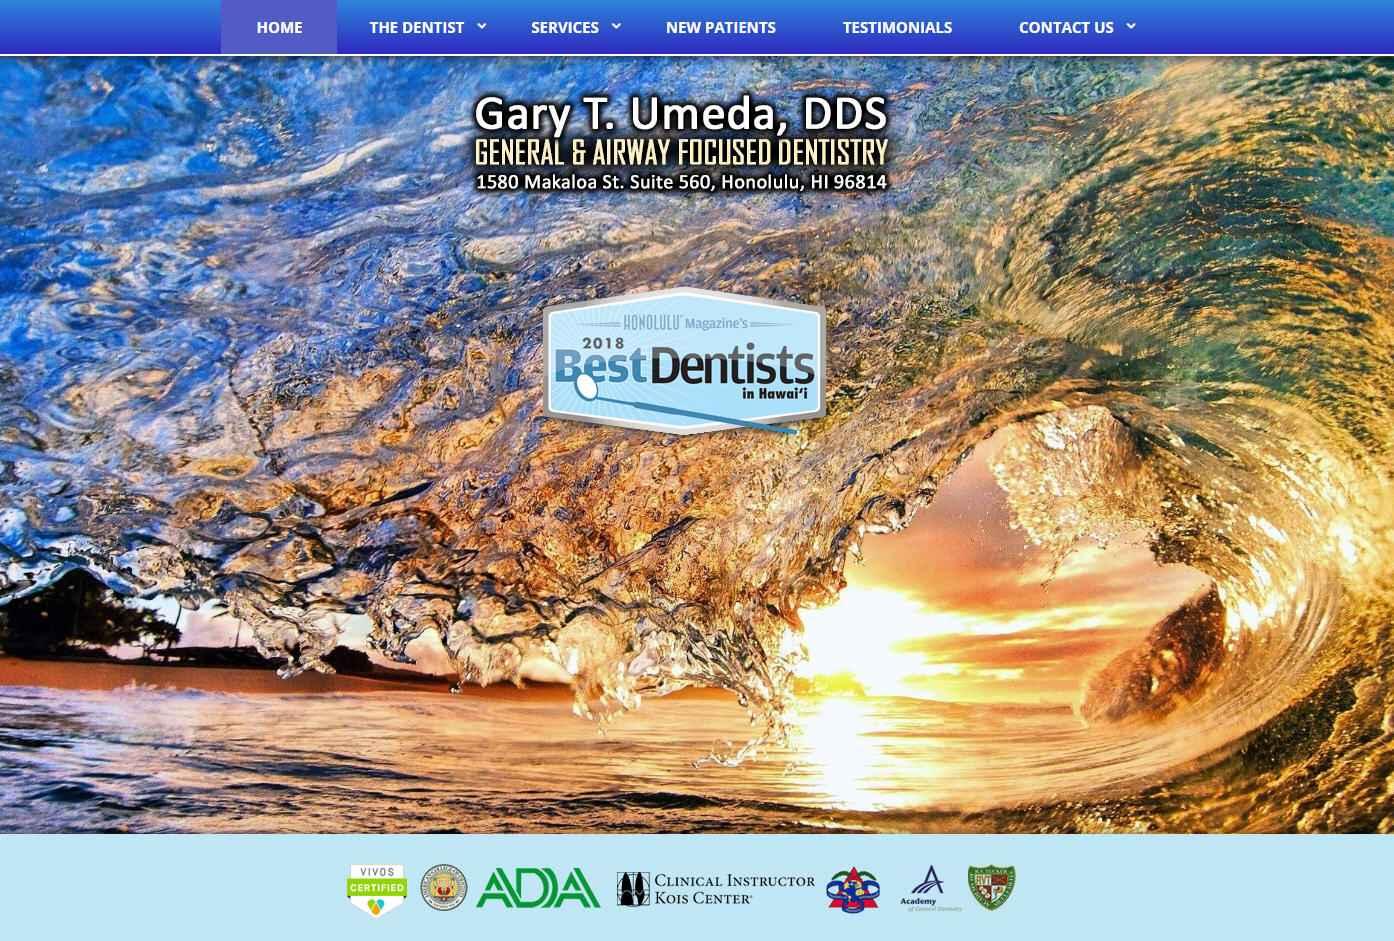 Gary T. Umeda Dentistry - General & Airway Focused Dentistry